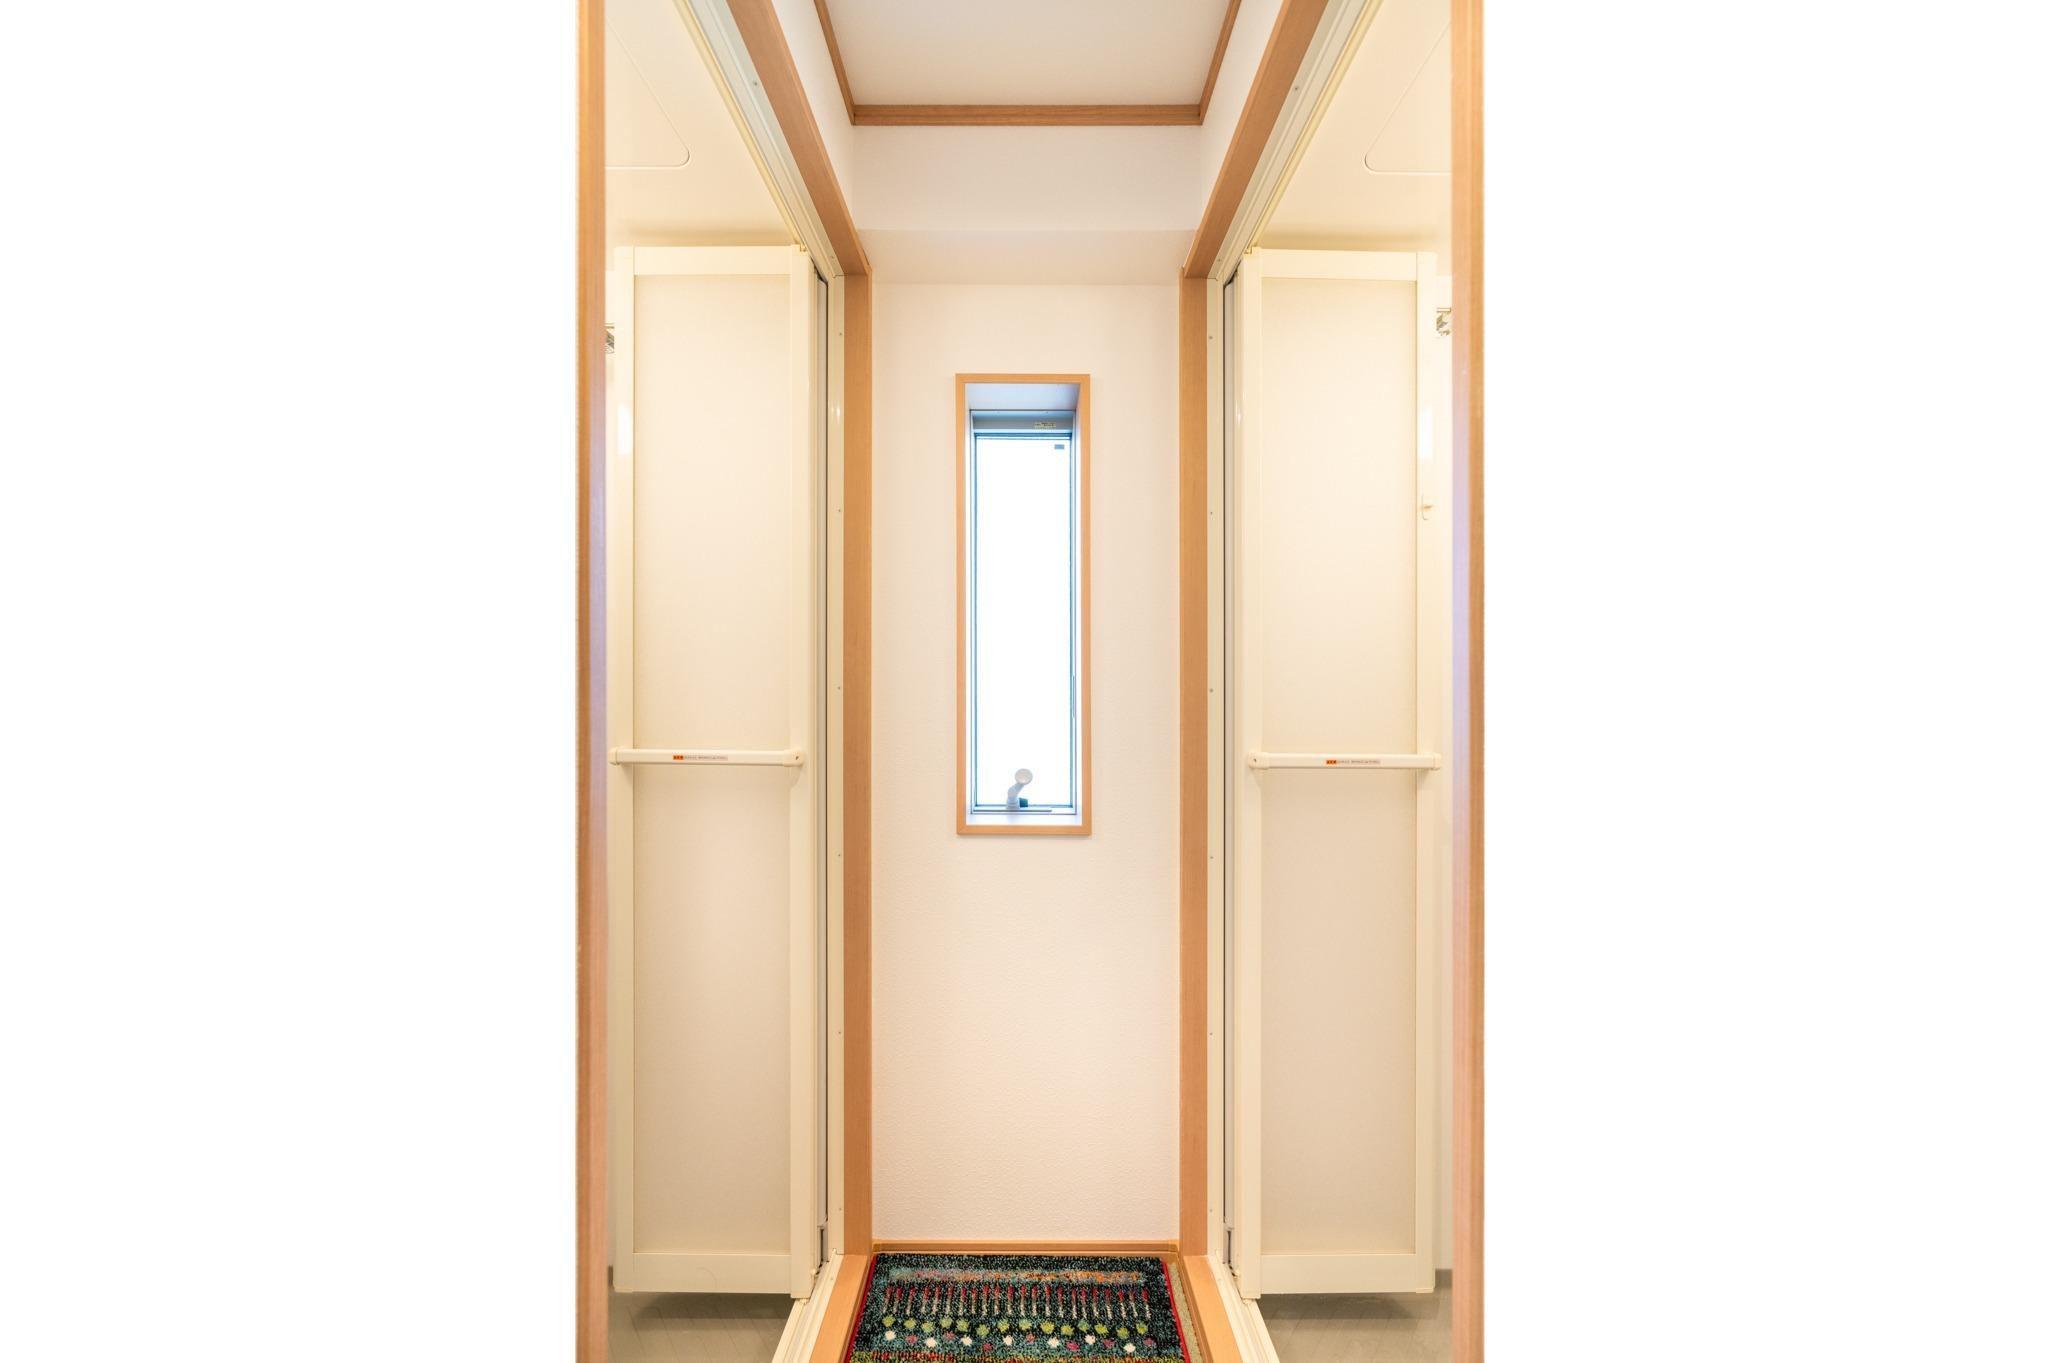 306号室/新築高級住宅/JR線徒歩2分/無料高速Wi-Fi/池袋17分新宿27分